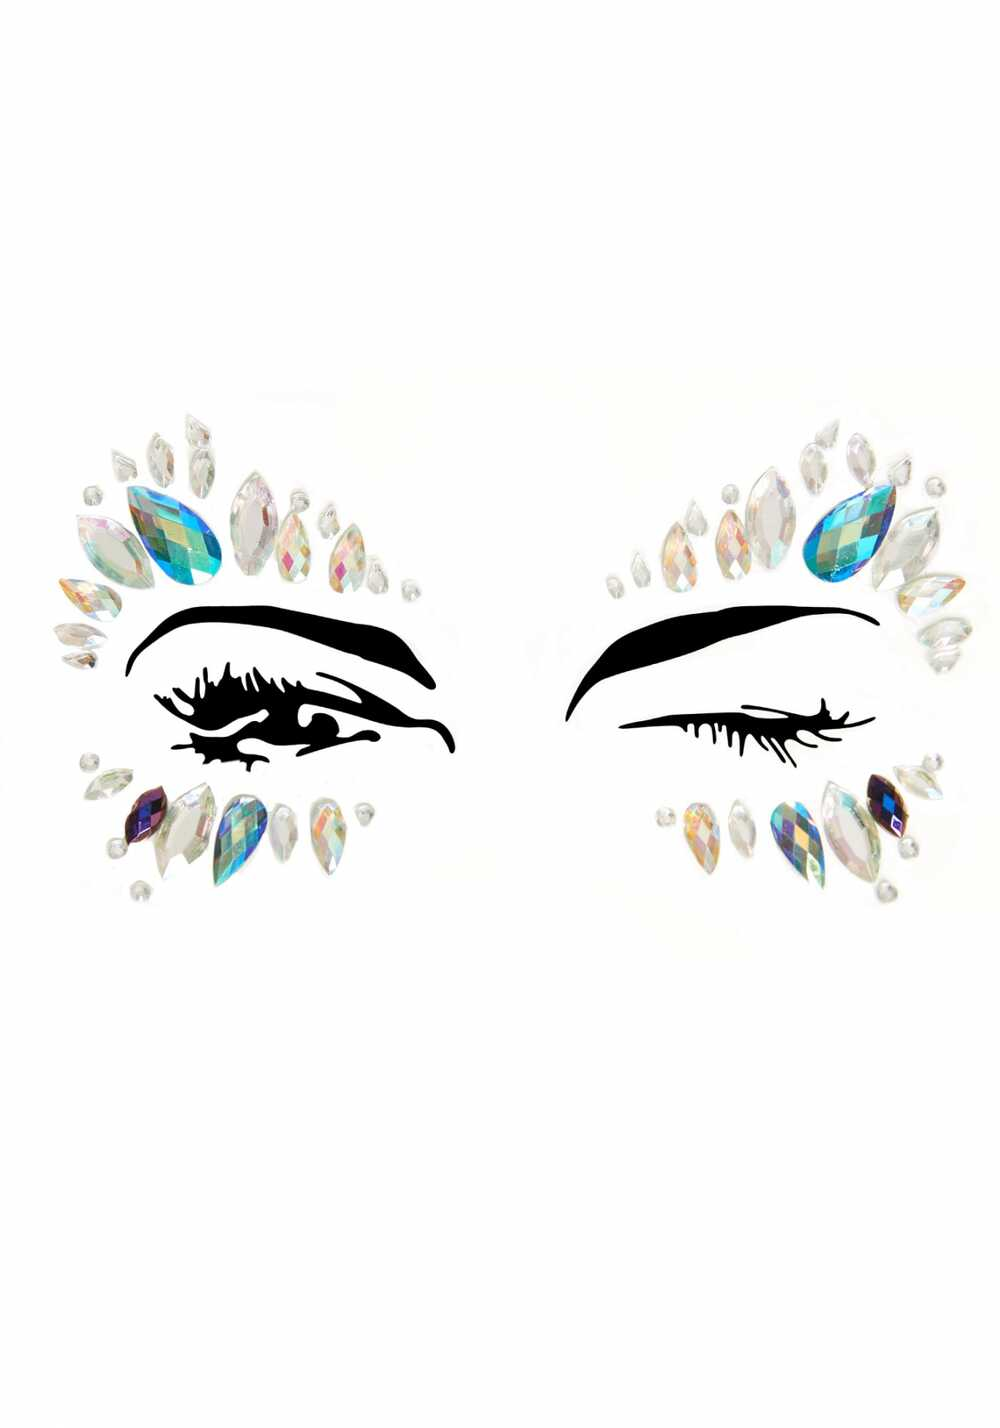 Afbeelding1 Artikel: Face jewels met zilver en blauw Variant: 1961 Parent: 916 Datum: 24/08/2019 16:23:29